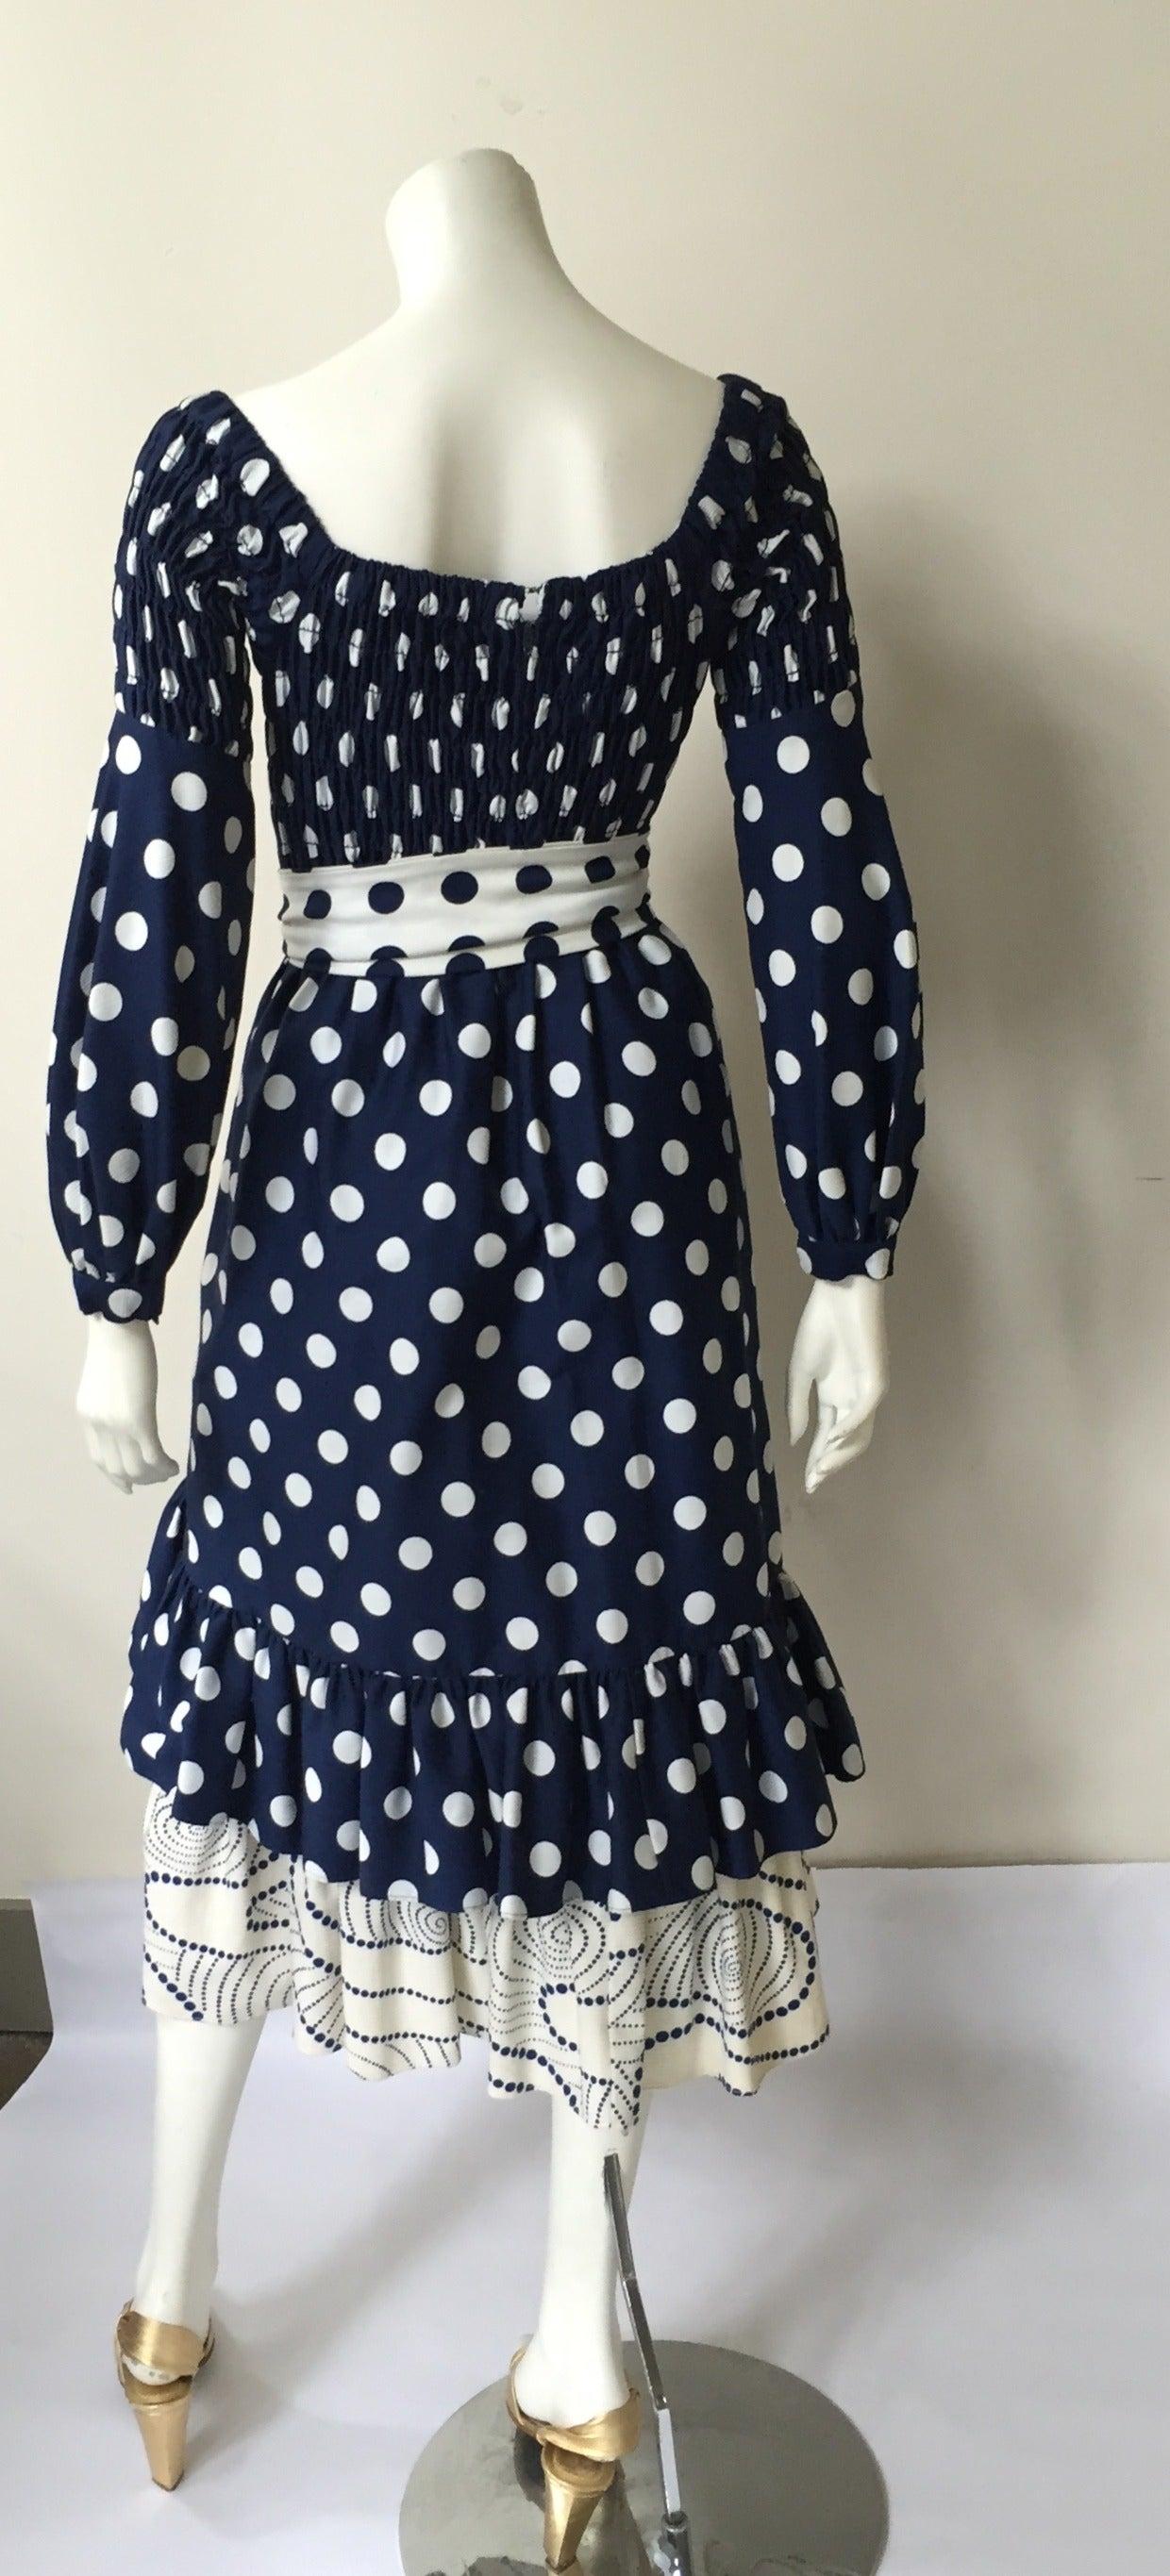 Oscar de la Renta 1970 polka dot Harper's Bazaar dress cover size 4. In Good Condition For Sale In Atlanta, GA